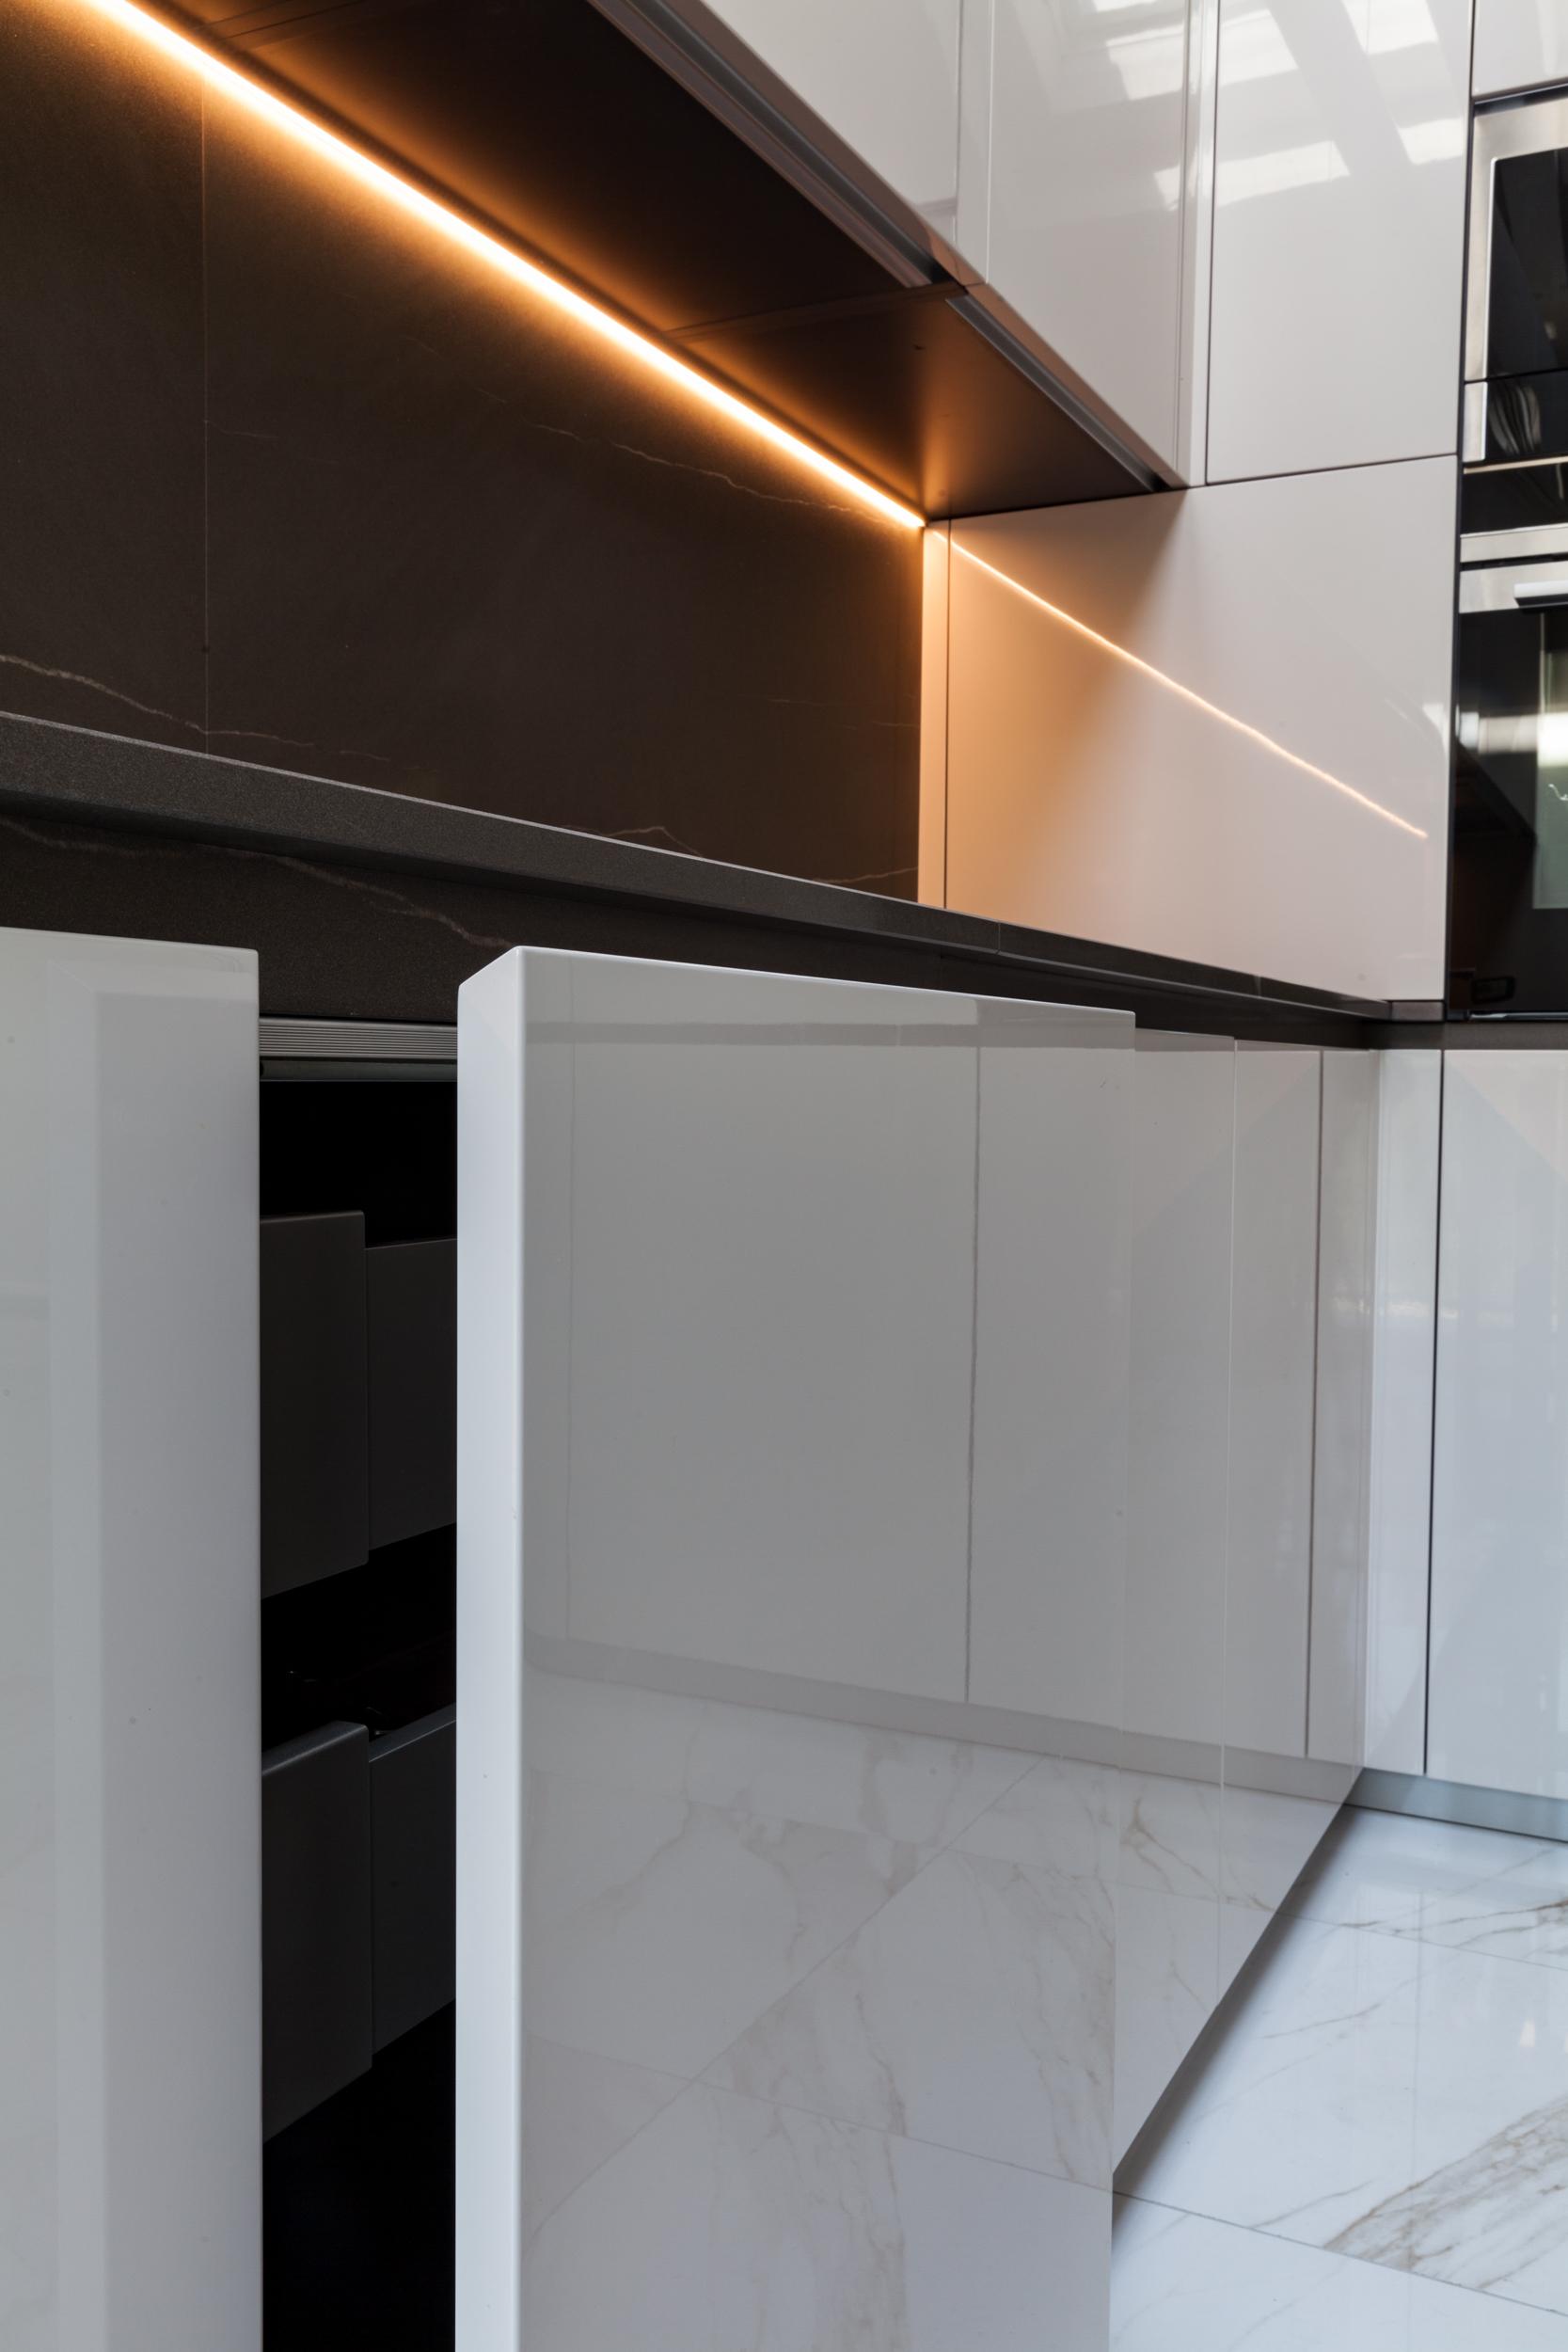 Cucine bagni radiatori marmocasa lavorazione marmi - Cucine e bagni ...